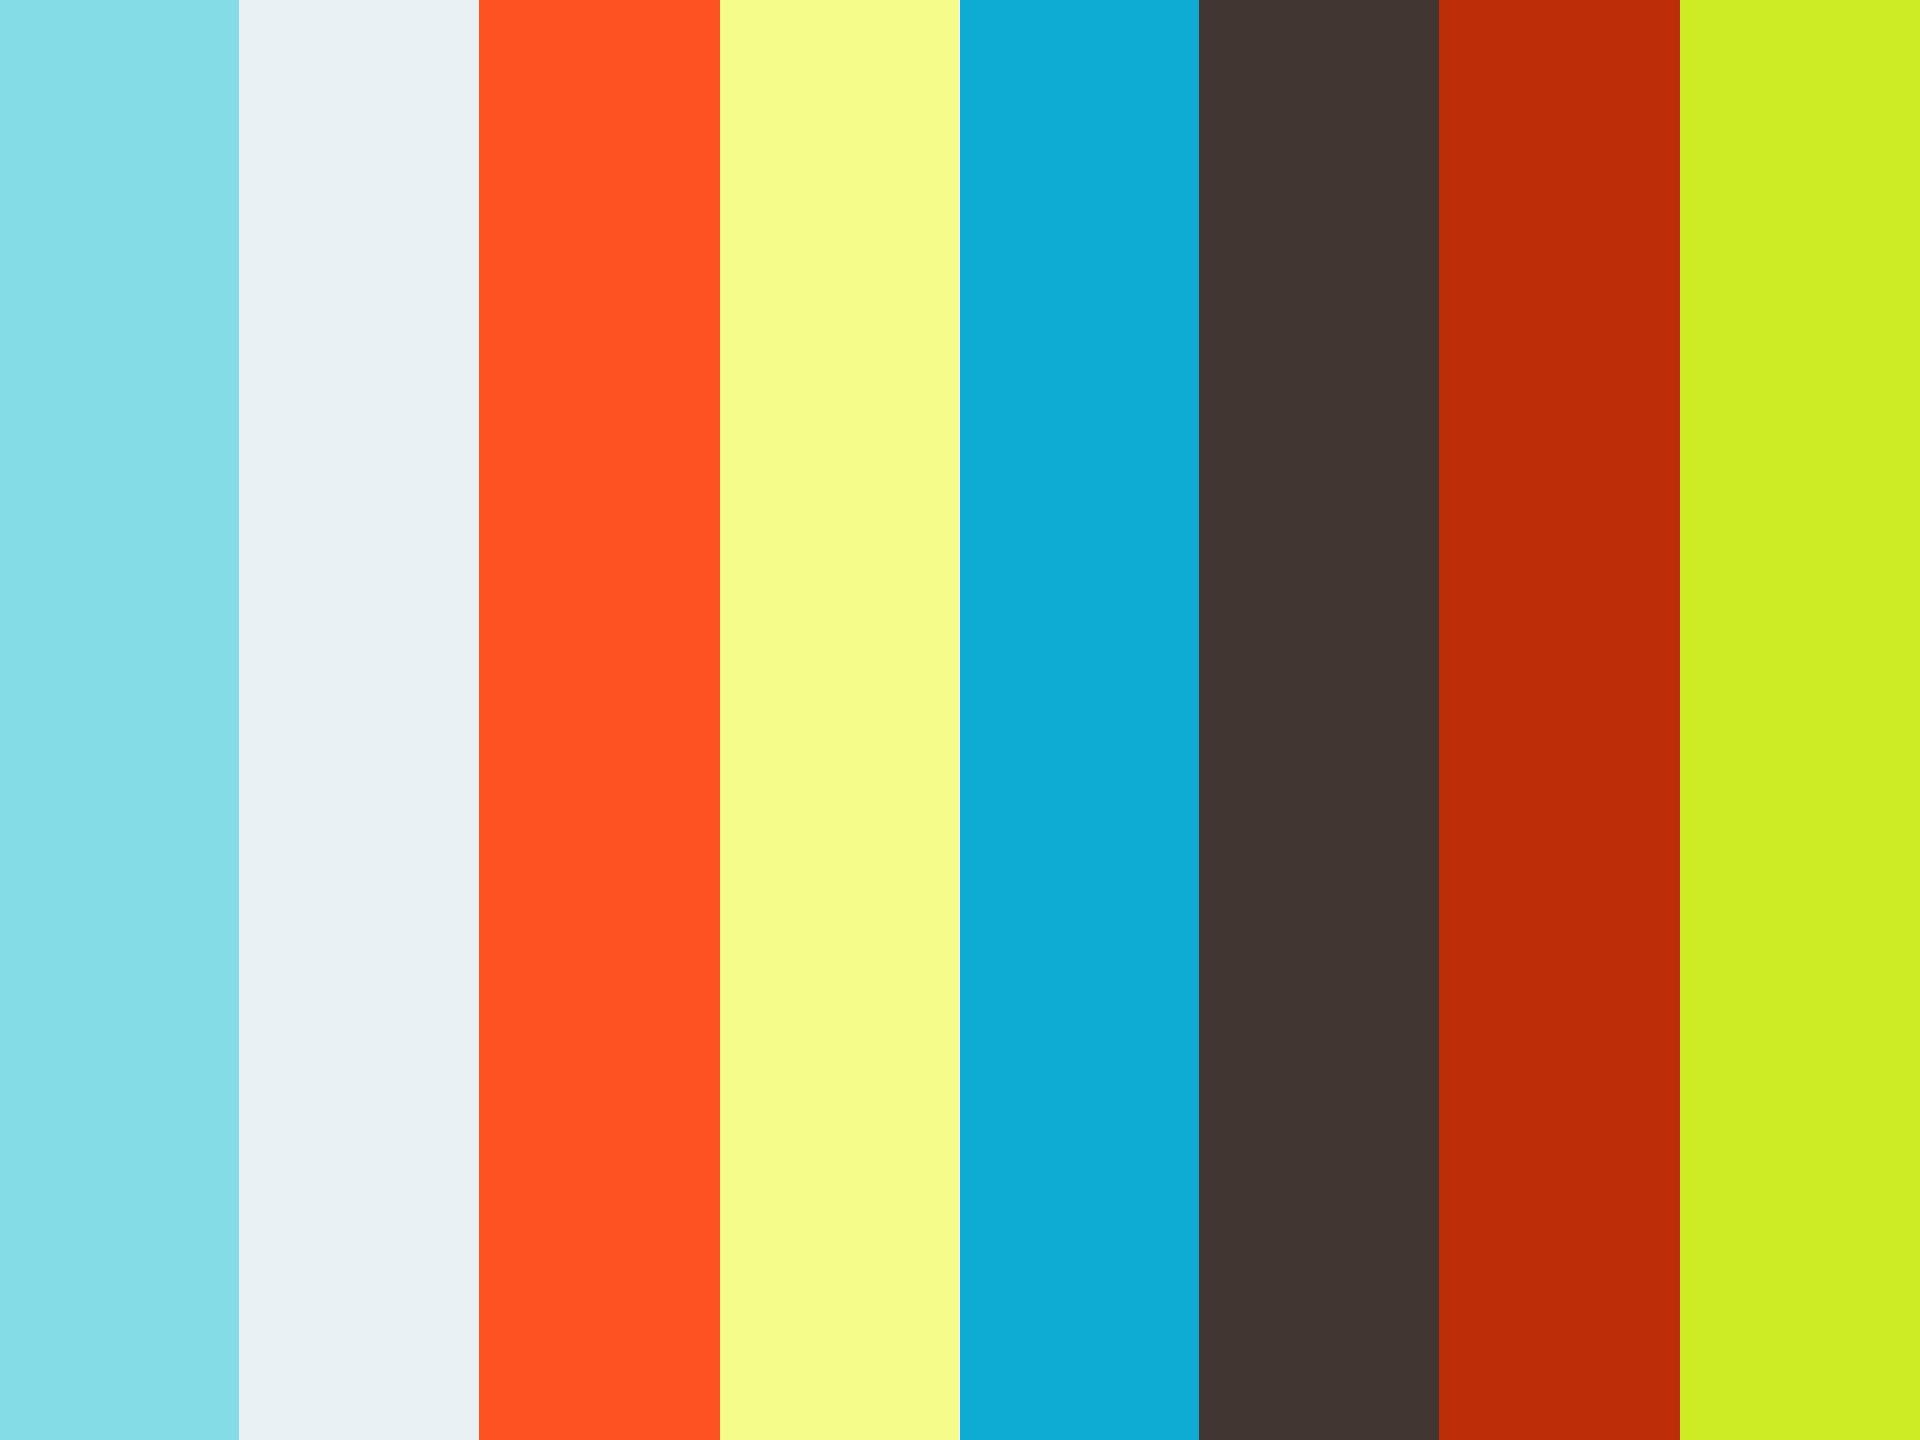 女神卡卡【美國恐怖故事第六季:羅阿諾克】第四集 精彩片段 on Vimeo